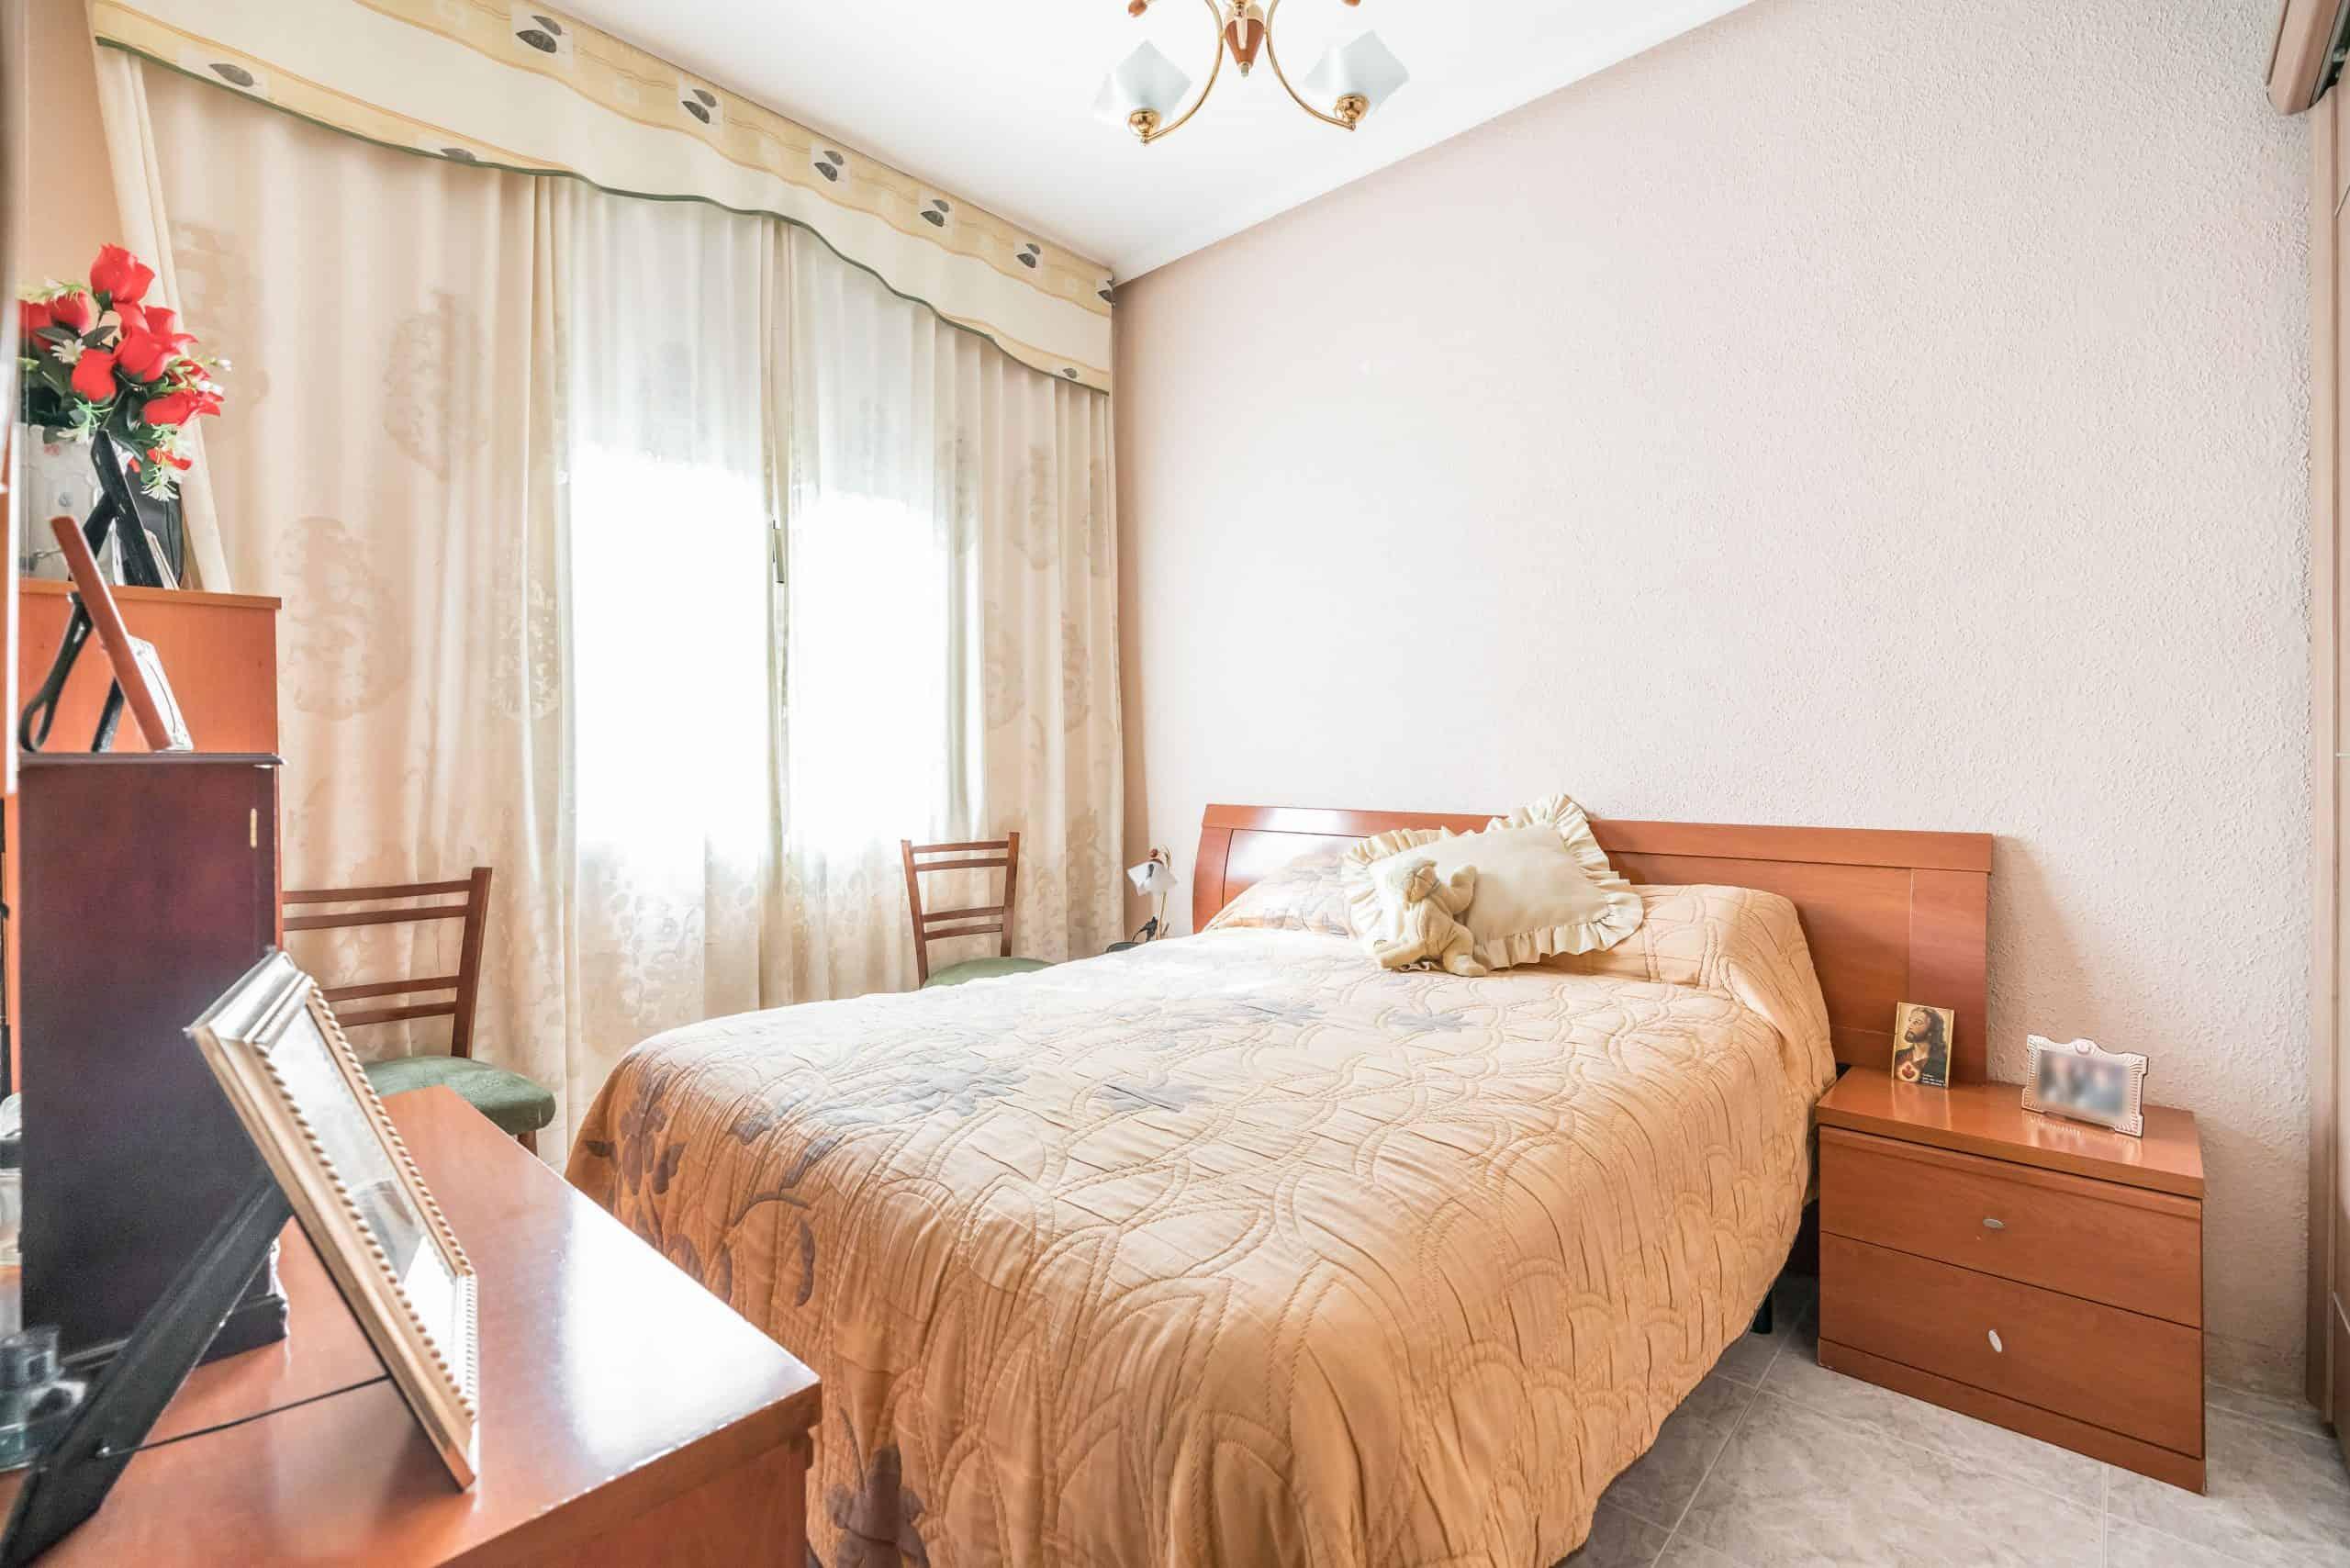 Agencia Inmobiliaria de Madrid-FUTUROCASA-Zona ARGANZUELA-EMBAJADORES-LEGAZPI2 DORMITORIO1 (2)